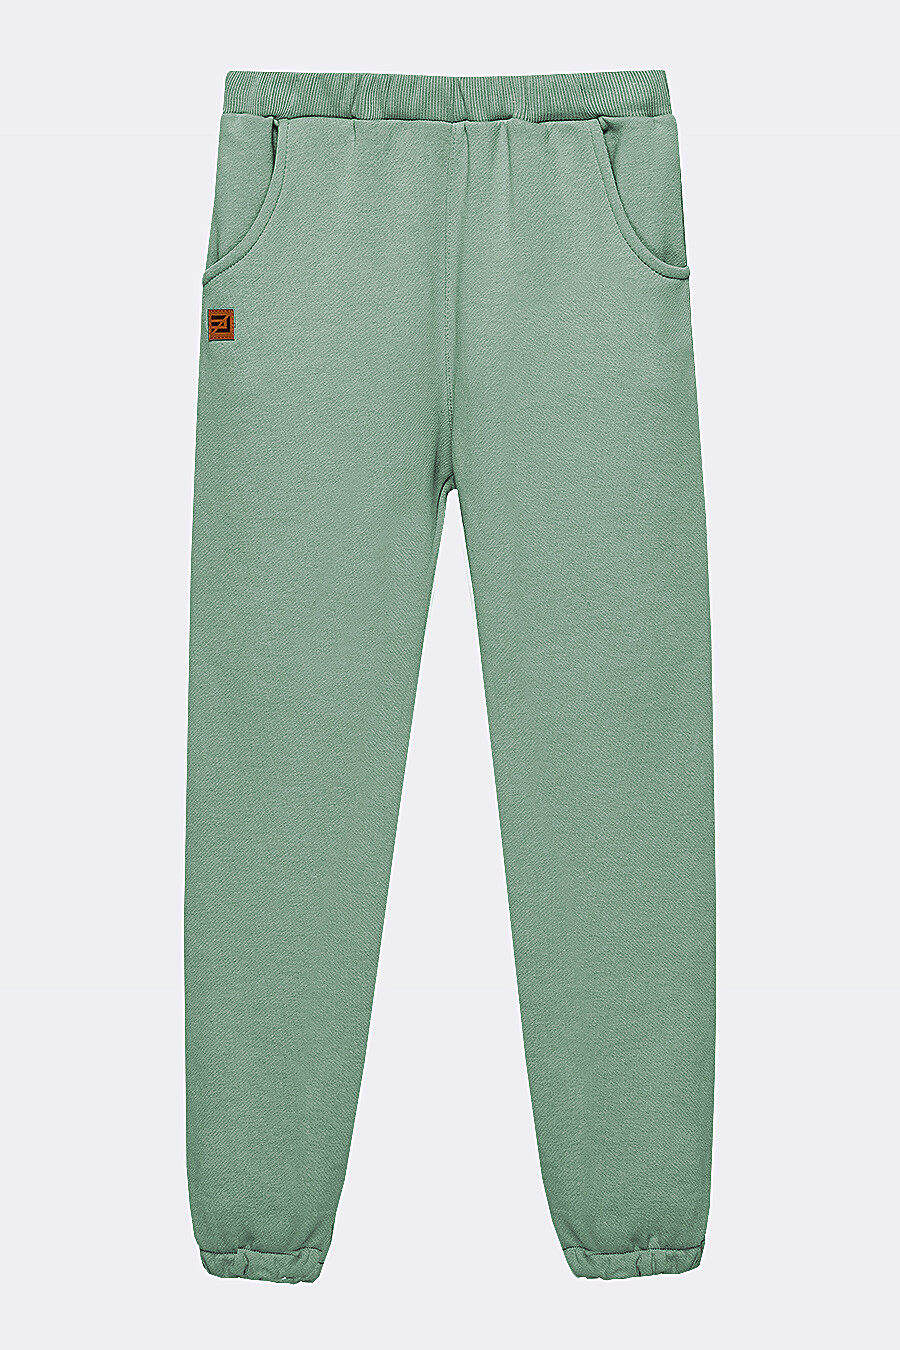 Костюм(Худи+Брюки) для мальчиков EZANNA 682714 купить оптом от производителя. Совместная покупка детской одежды в OptMoyo